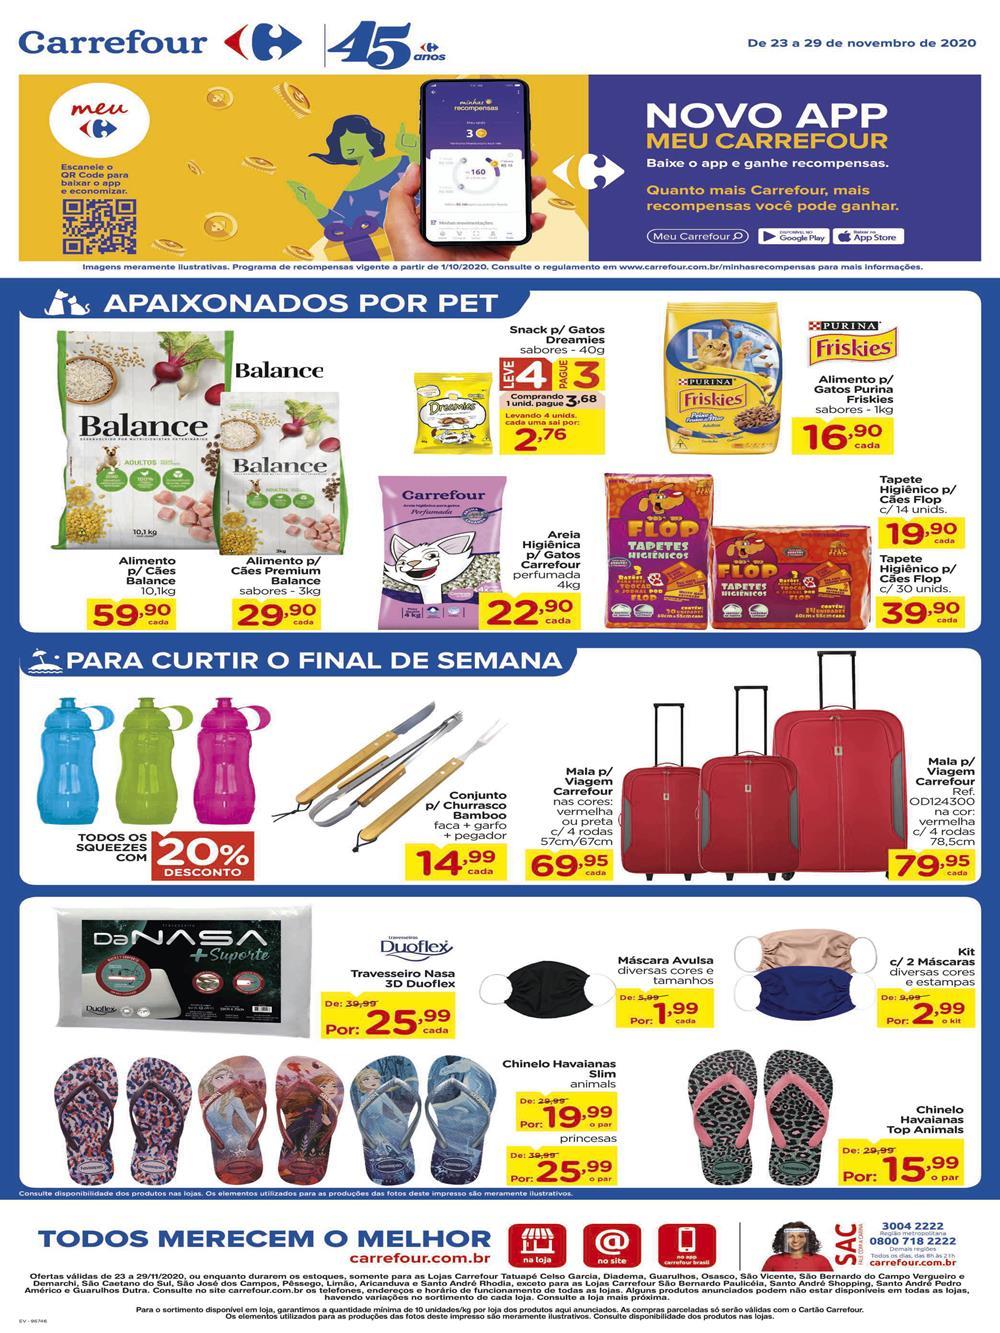 carrefour-ofertas-descontos-hoje16-4 Carrefour até 29/11